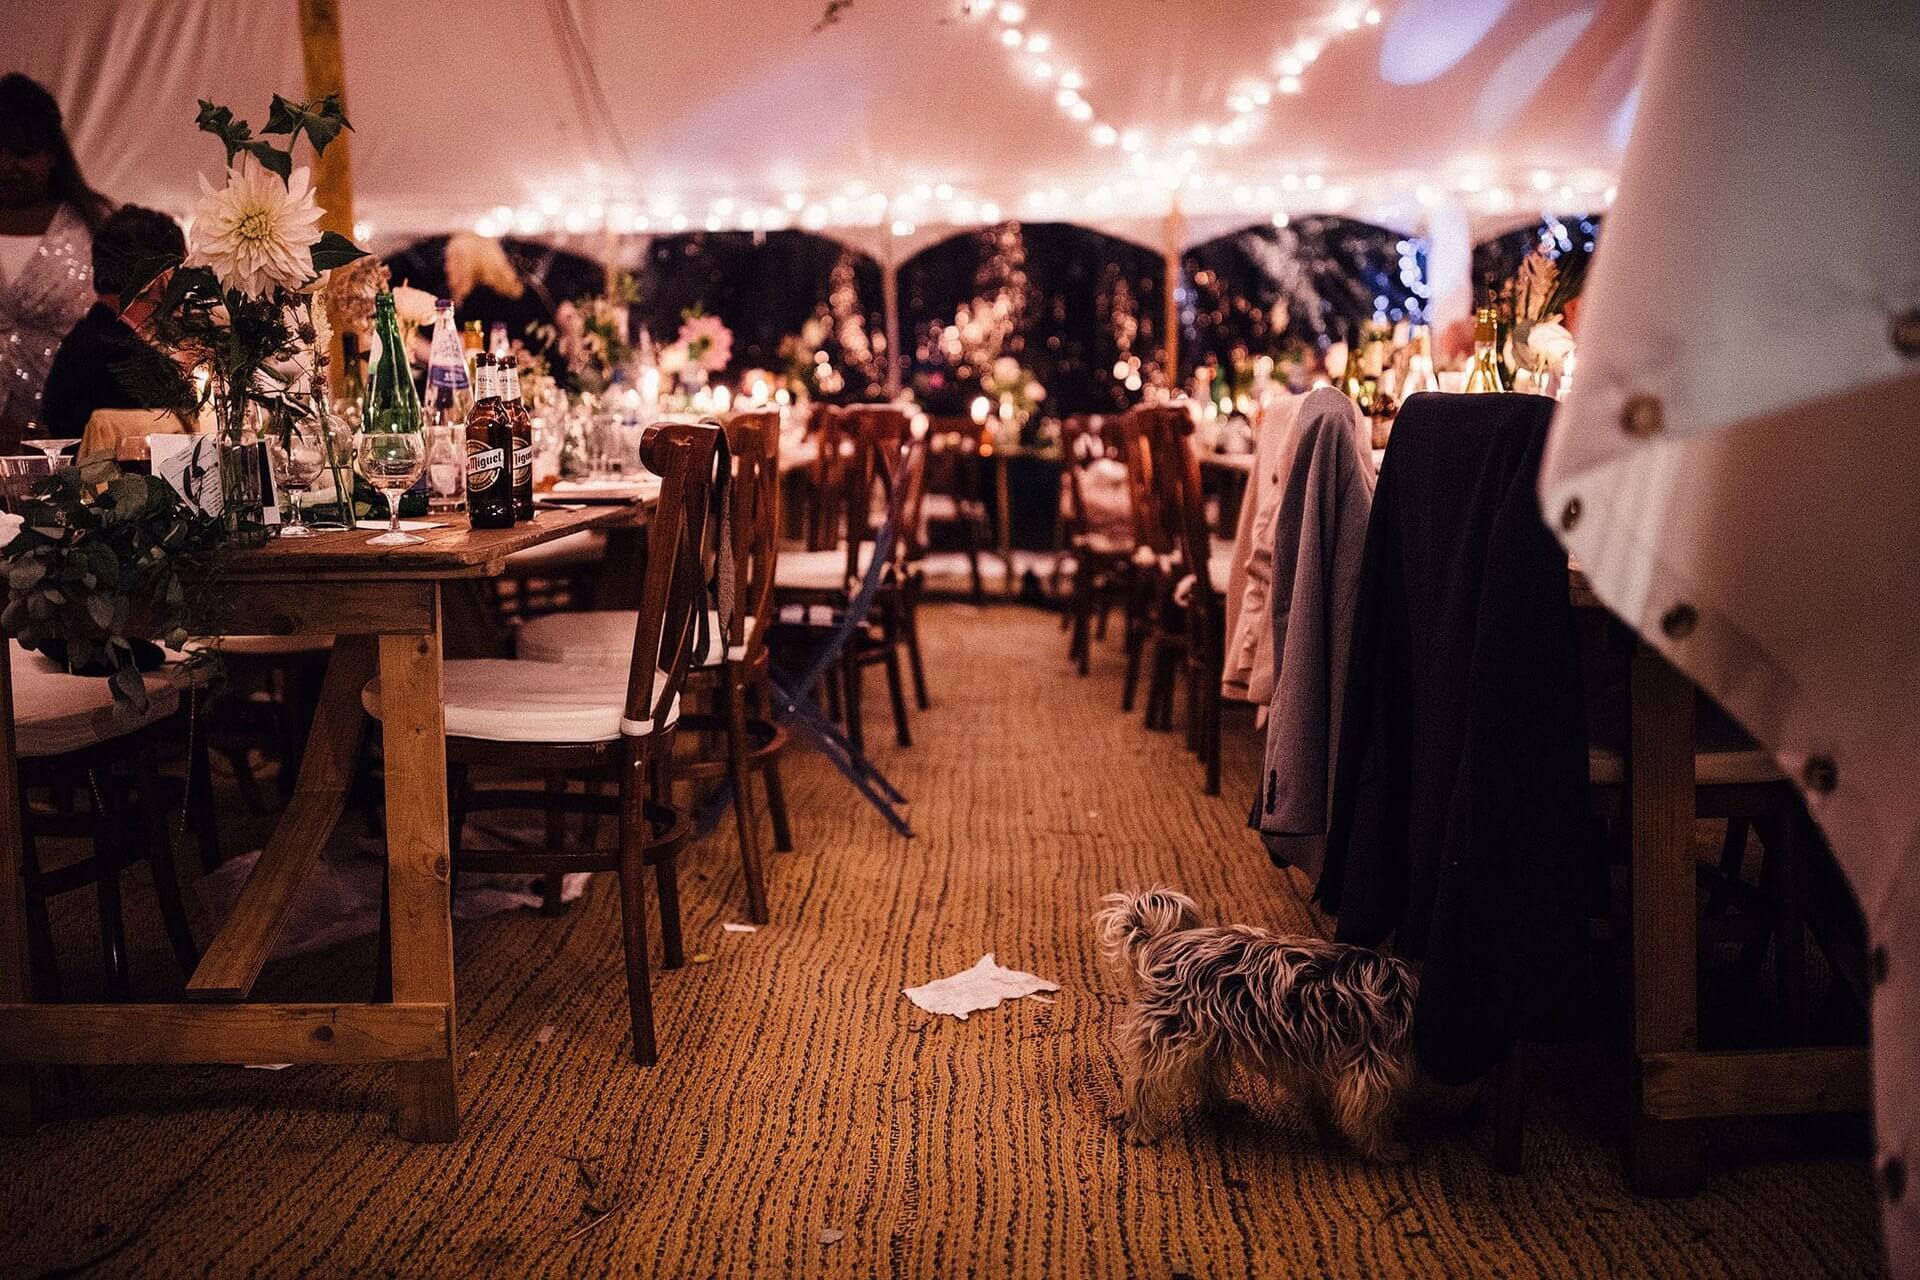 white wedding marquee hire near holsorthy in devon, uk